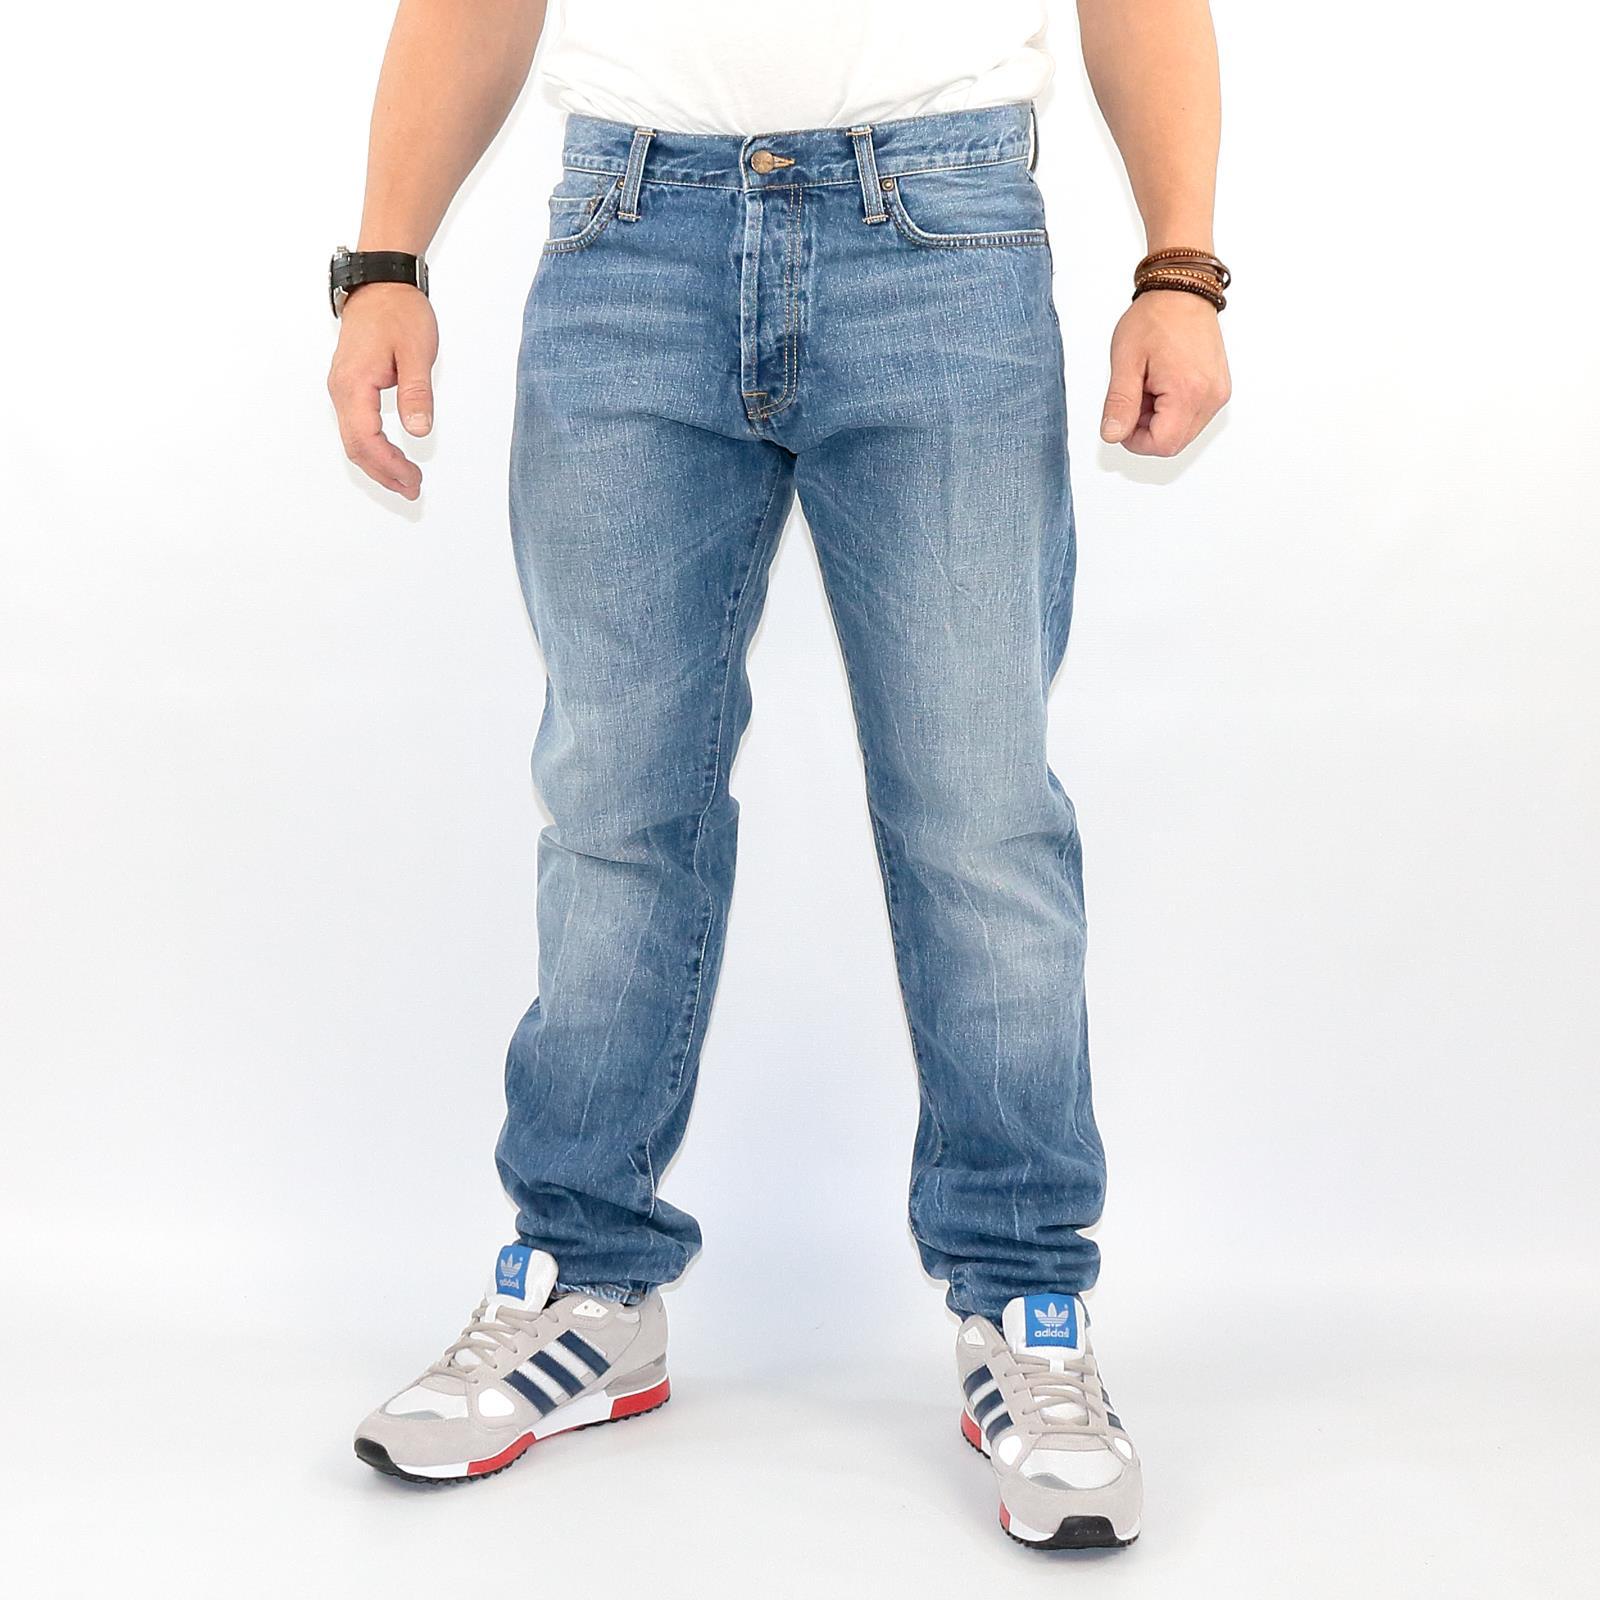 carhartt slim pant blue denim jeans herren hose farbe. Black Bedroom Furniture Sets. Home Design Ideas